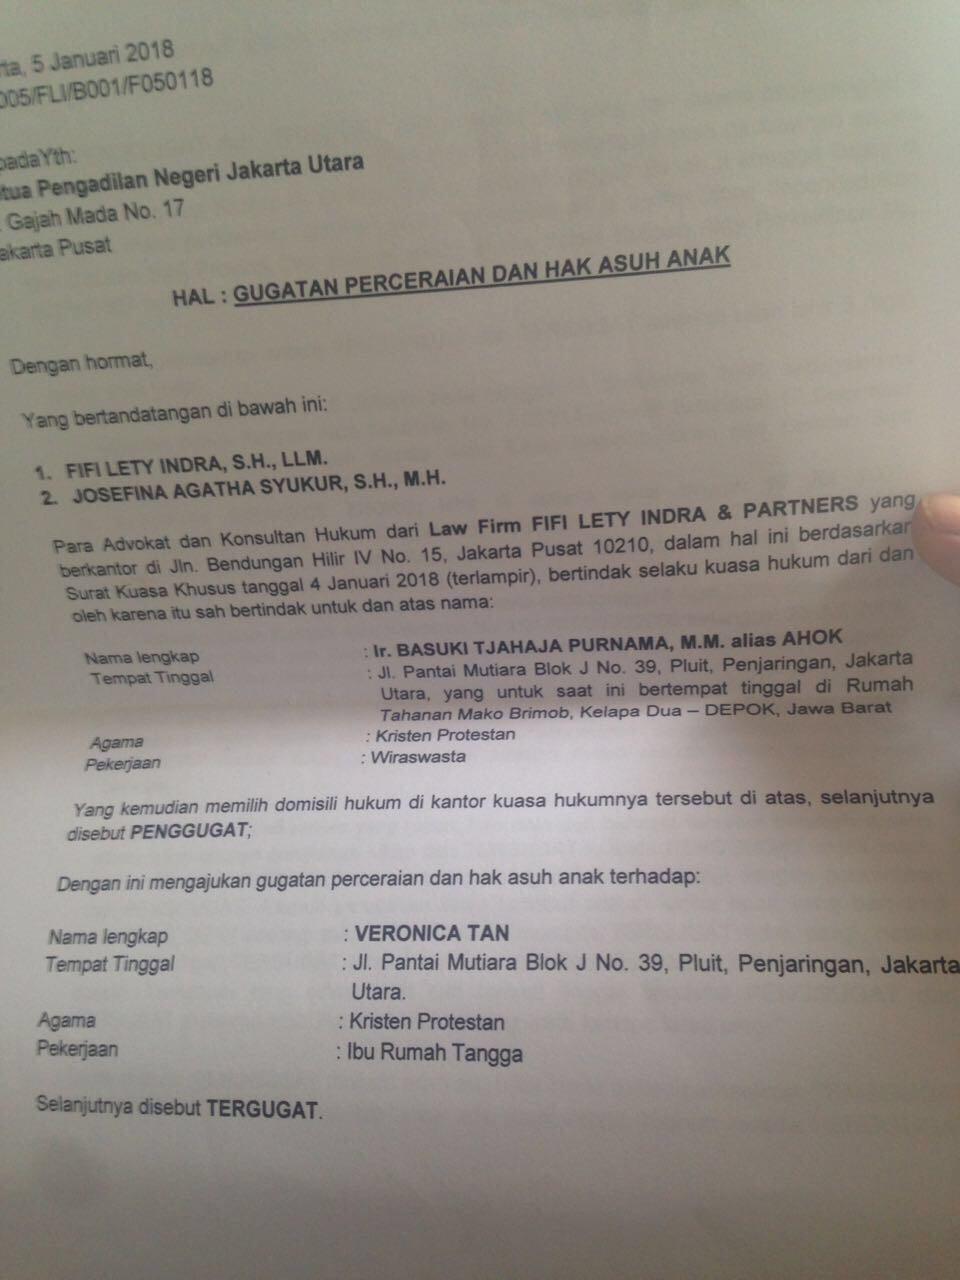 Beredar Surat Gugatan Cerai Ahok Ke Veronica Tan News